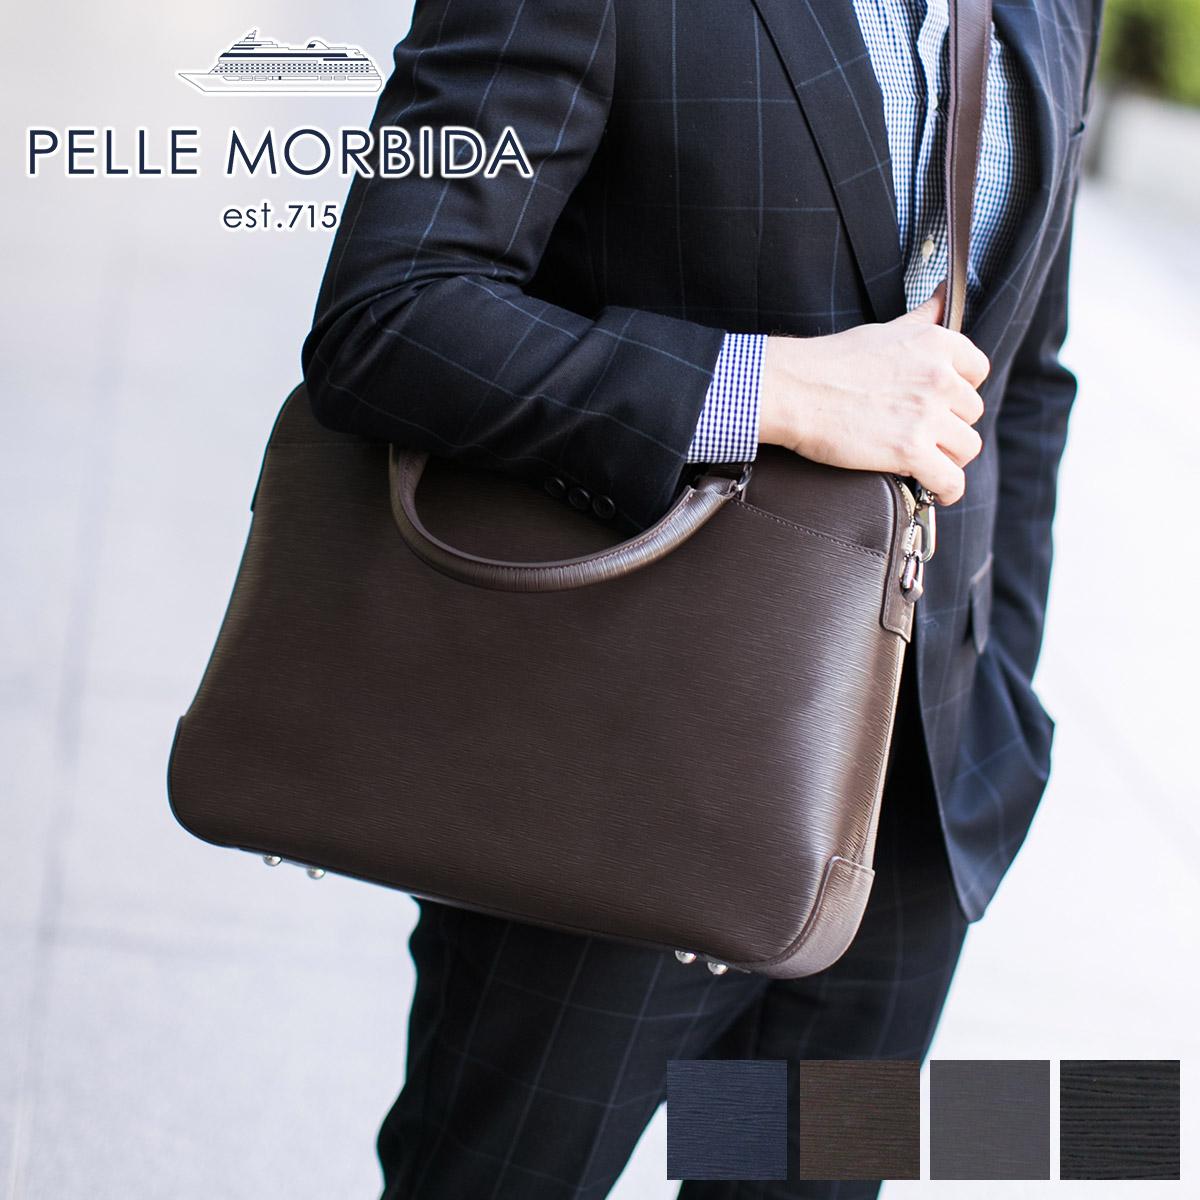 【選べる実用的ノベルティ付】 PELLE MORBIDA ペッレモルビダ バッグCapitano キャピターノ エンボスレザーB4ブリーフケース 1室タイプ(ショルダーベルト付属) PMO-CA201メンズ ペッレ モルビダ ペレモルビダ 日本製